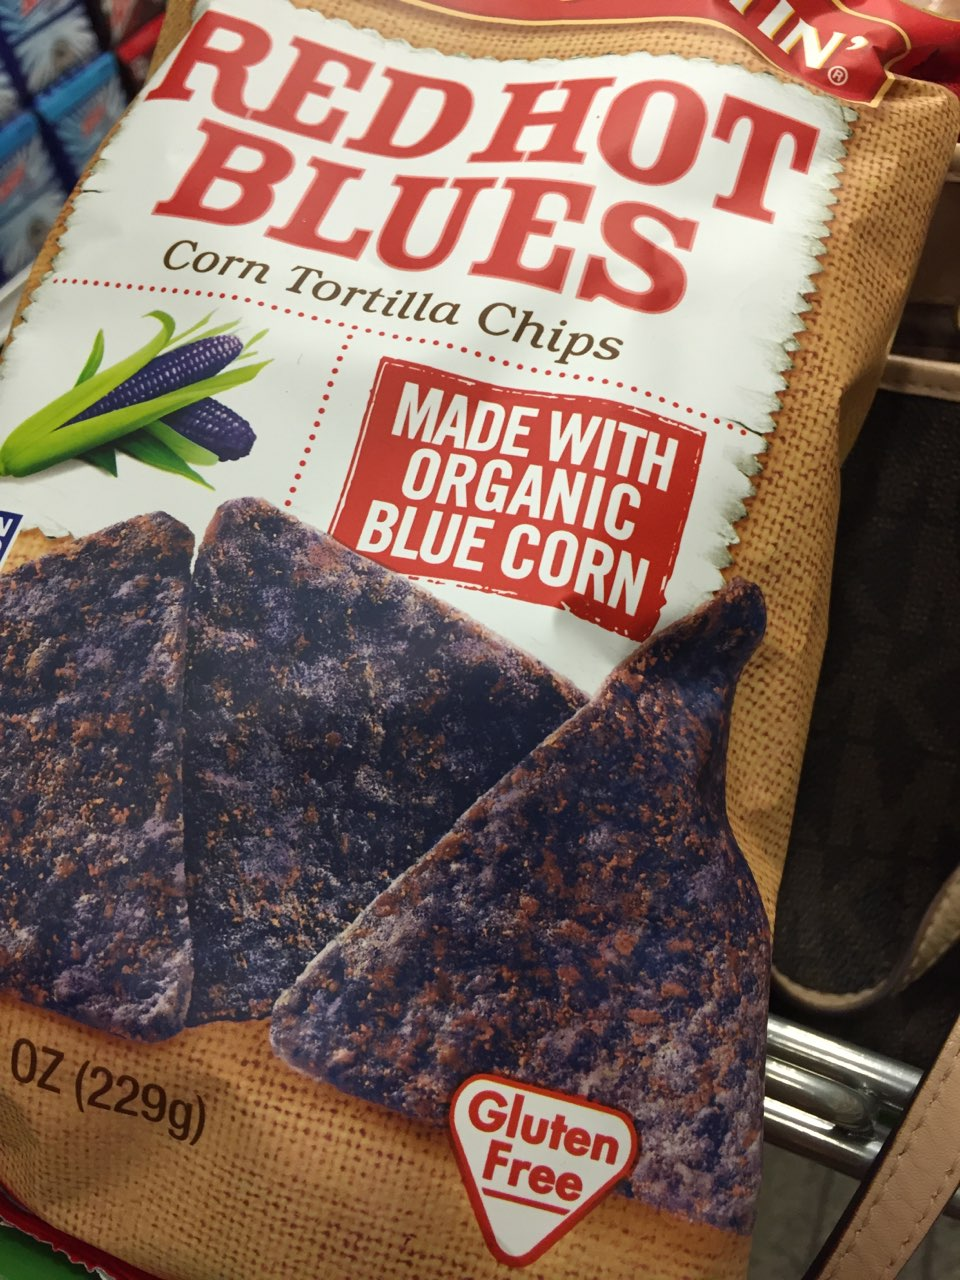 Garden Of Eatin Red Hot Blues Tortilla Chips Calories